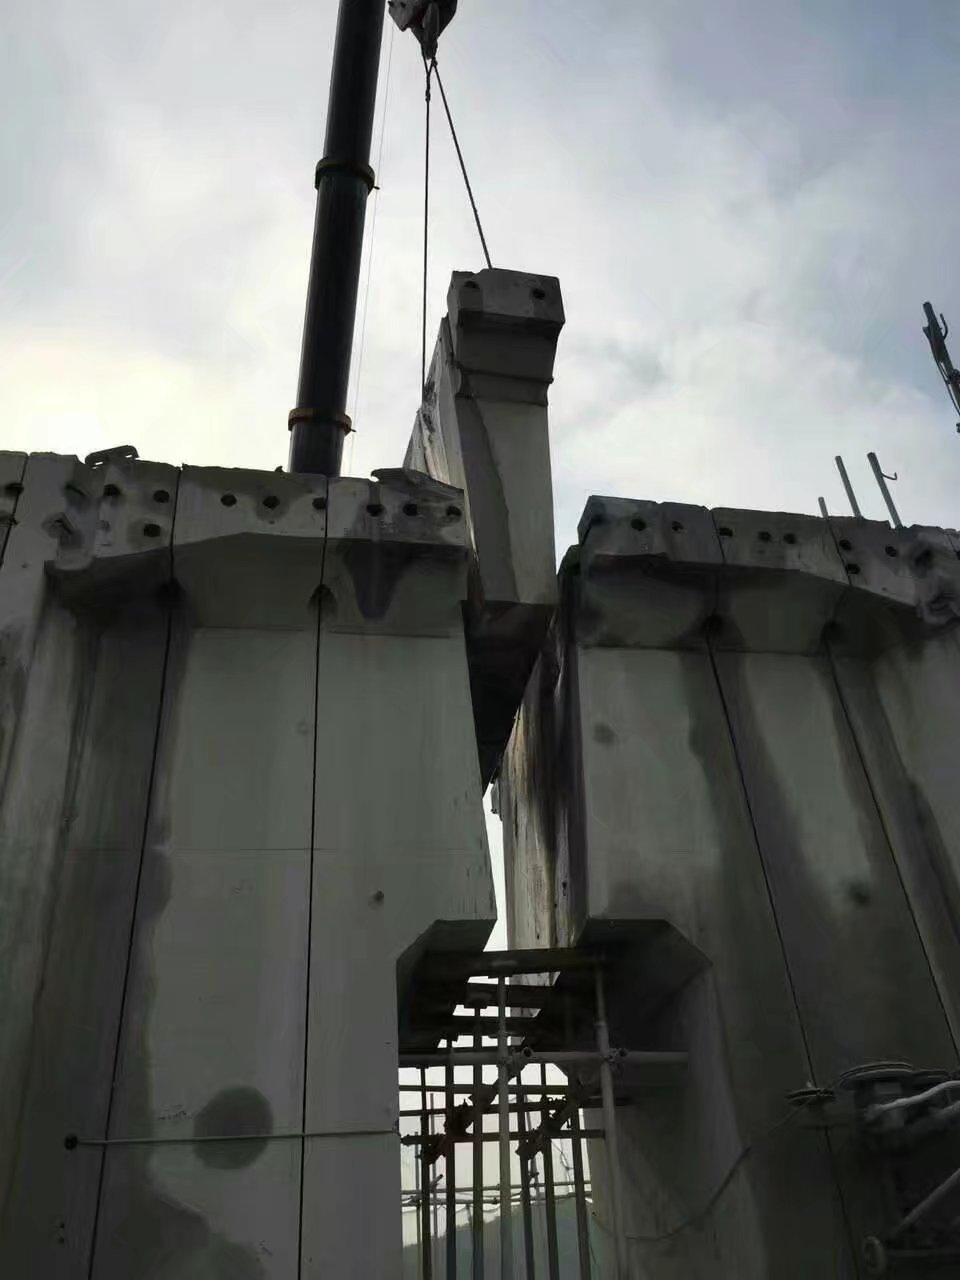 呼和浩特高速公路防撞梁切割设备采用绳锯